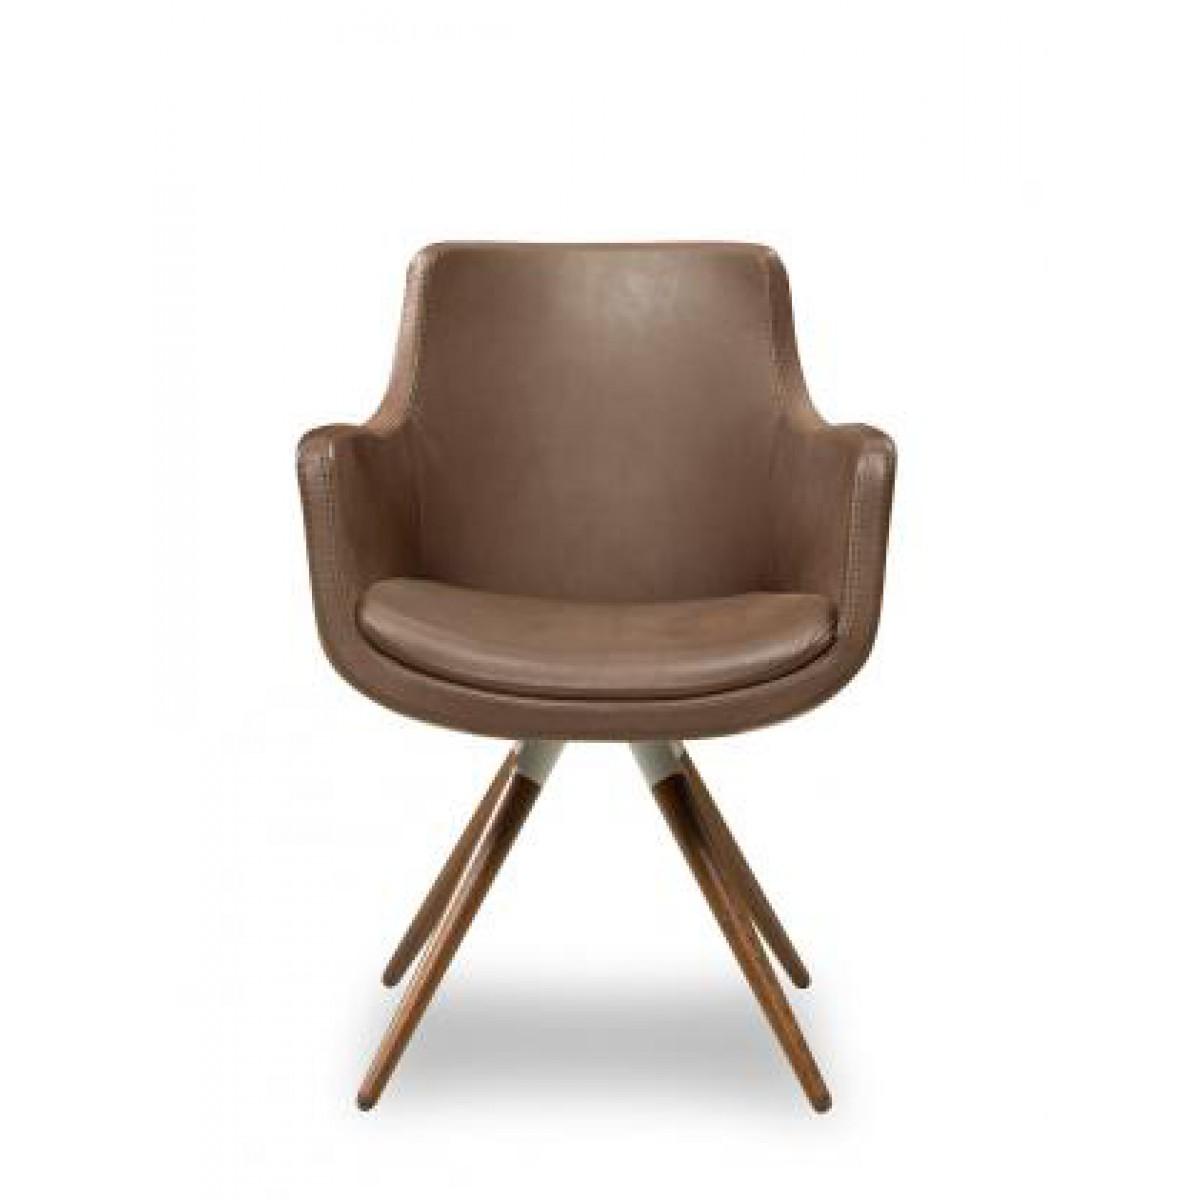 Wunderbar Esstisch Stühle Mit Armlehne Das Beste Von Annabel Stuhl Holz Fuss - L